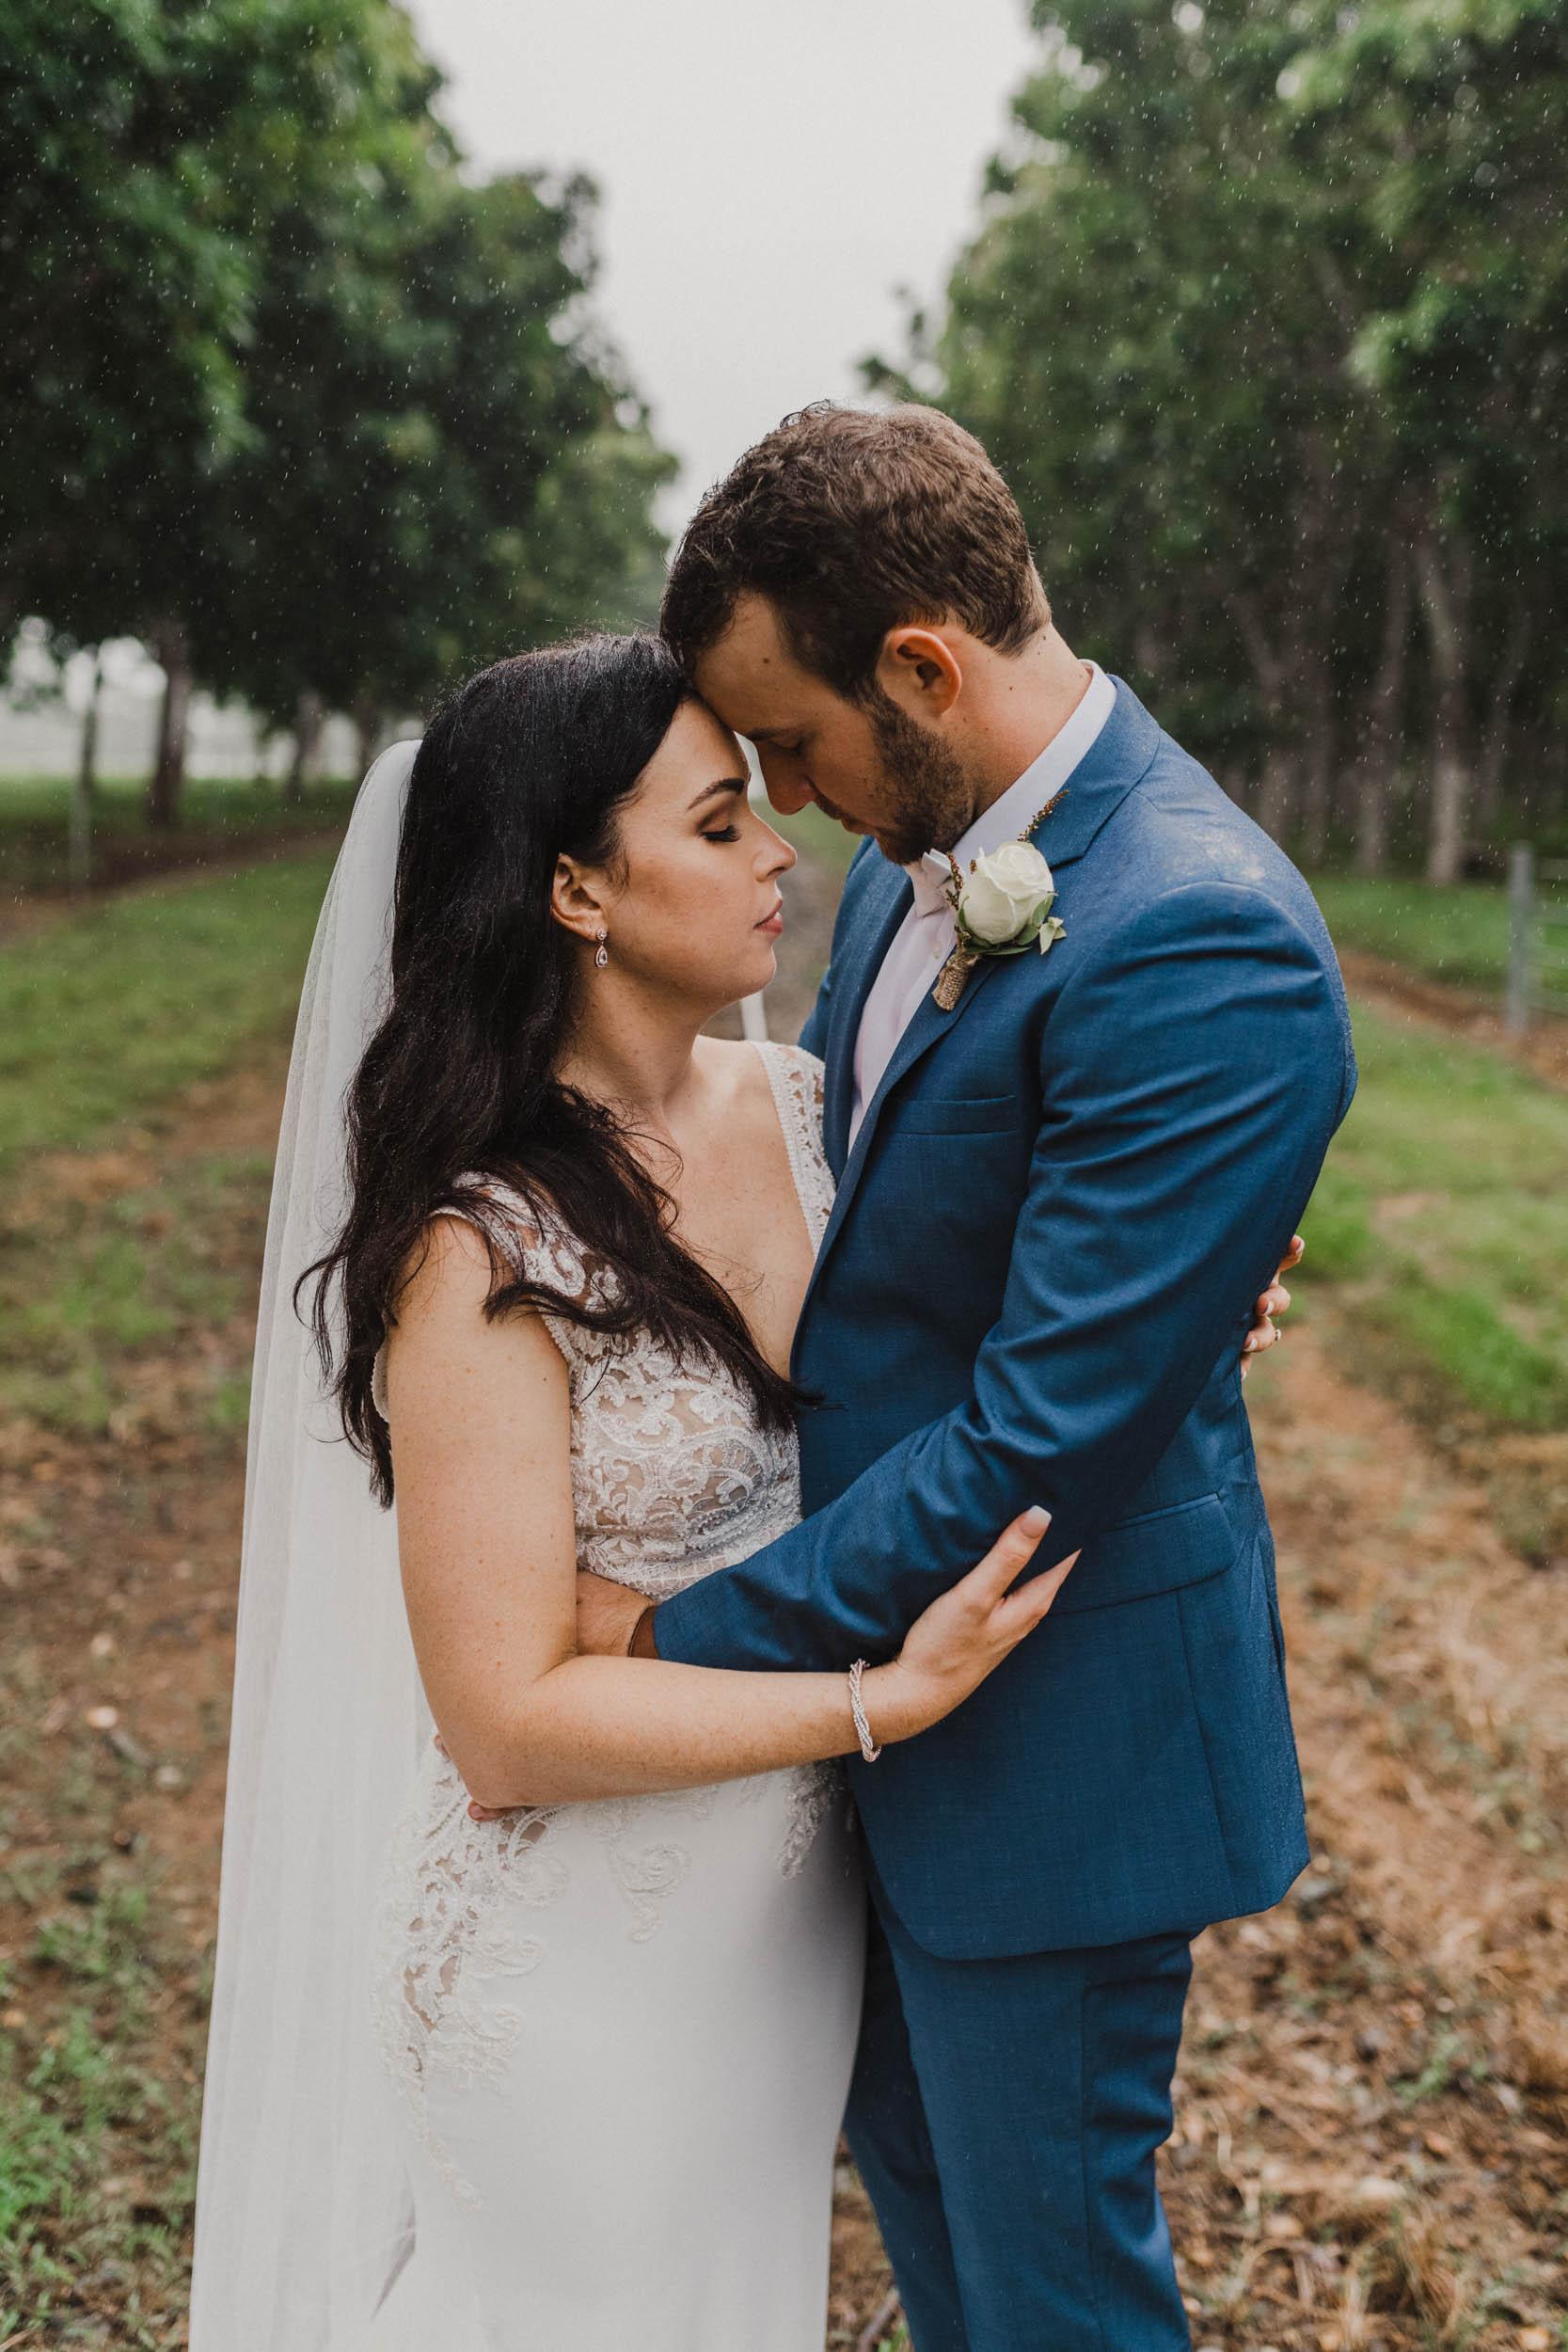 The Raw Photographer - Port Douglas Wedding Photographer - St Mary Church - Cairns Beach Photos-48.jpg